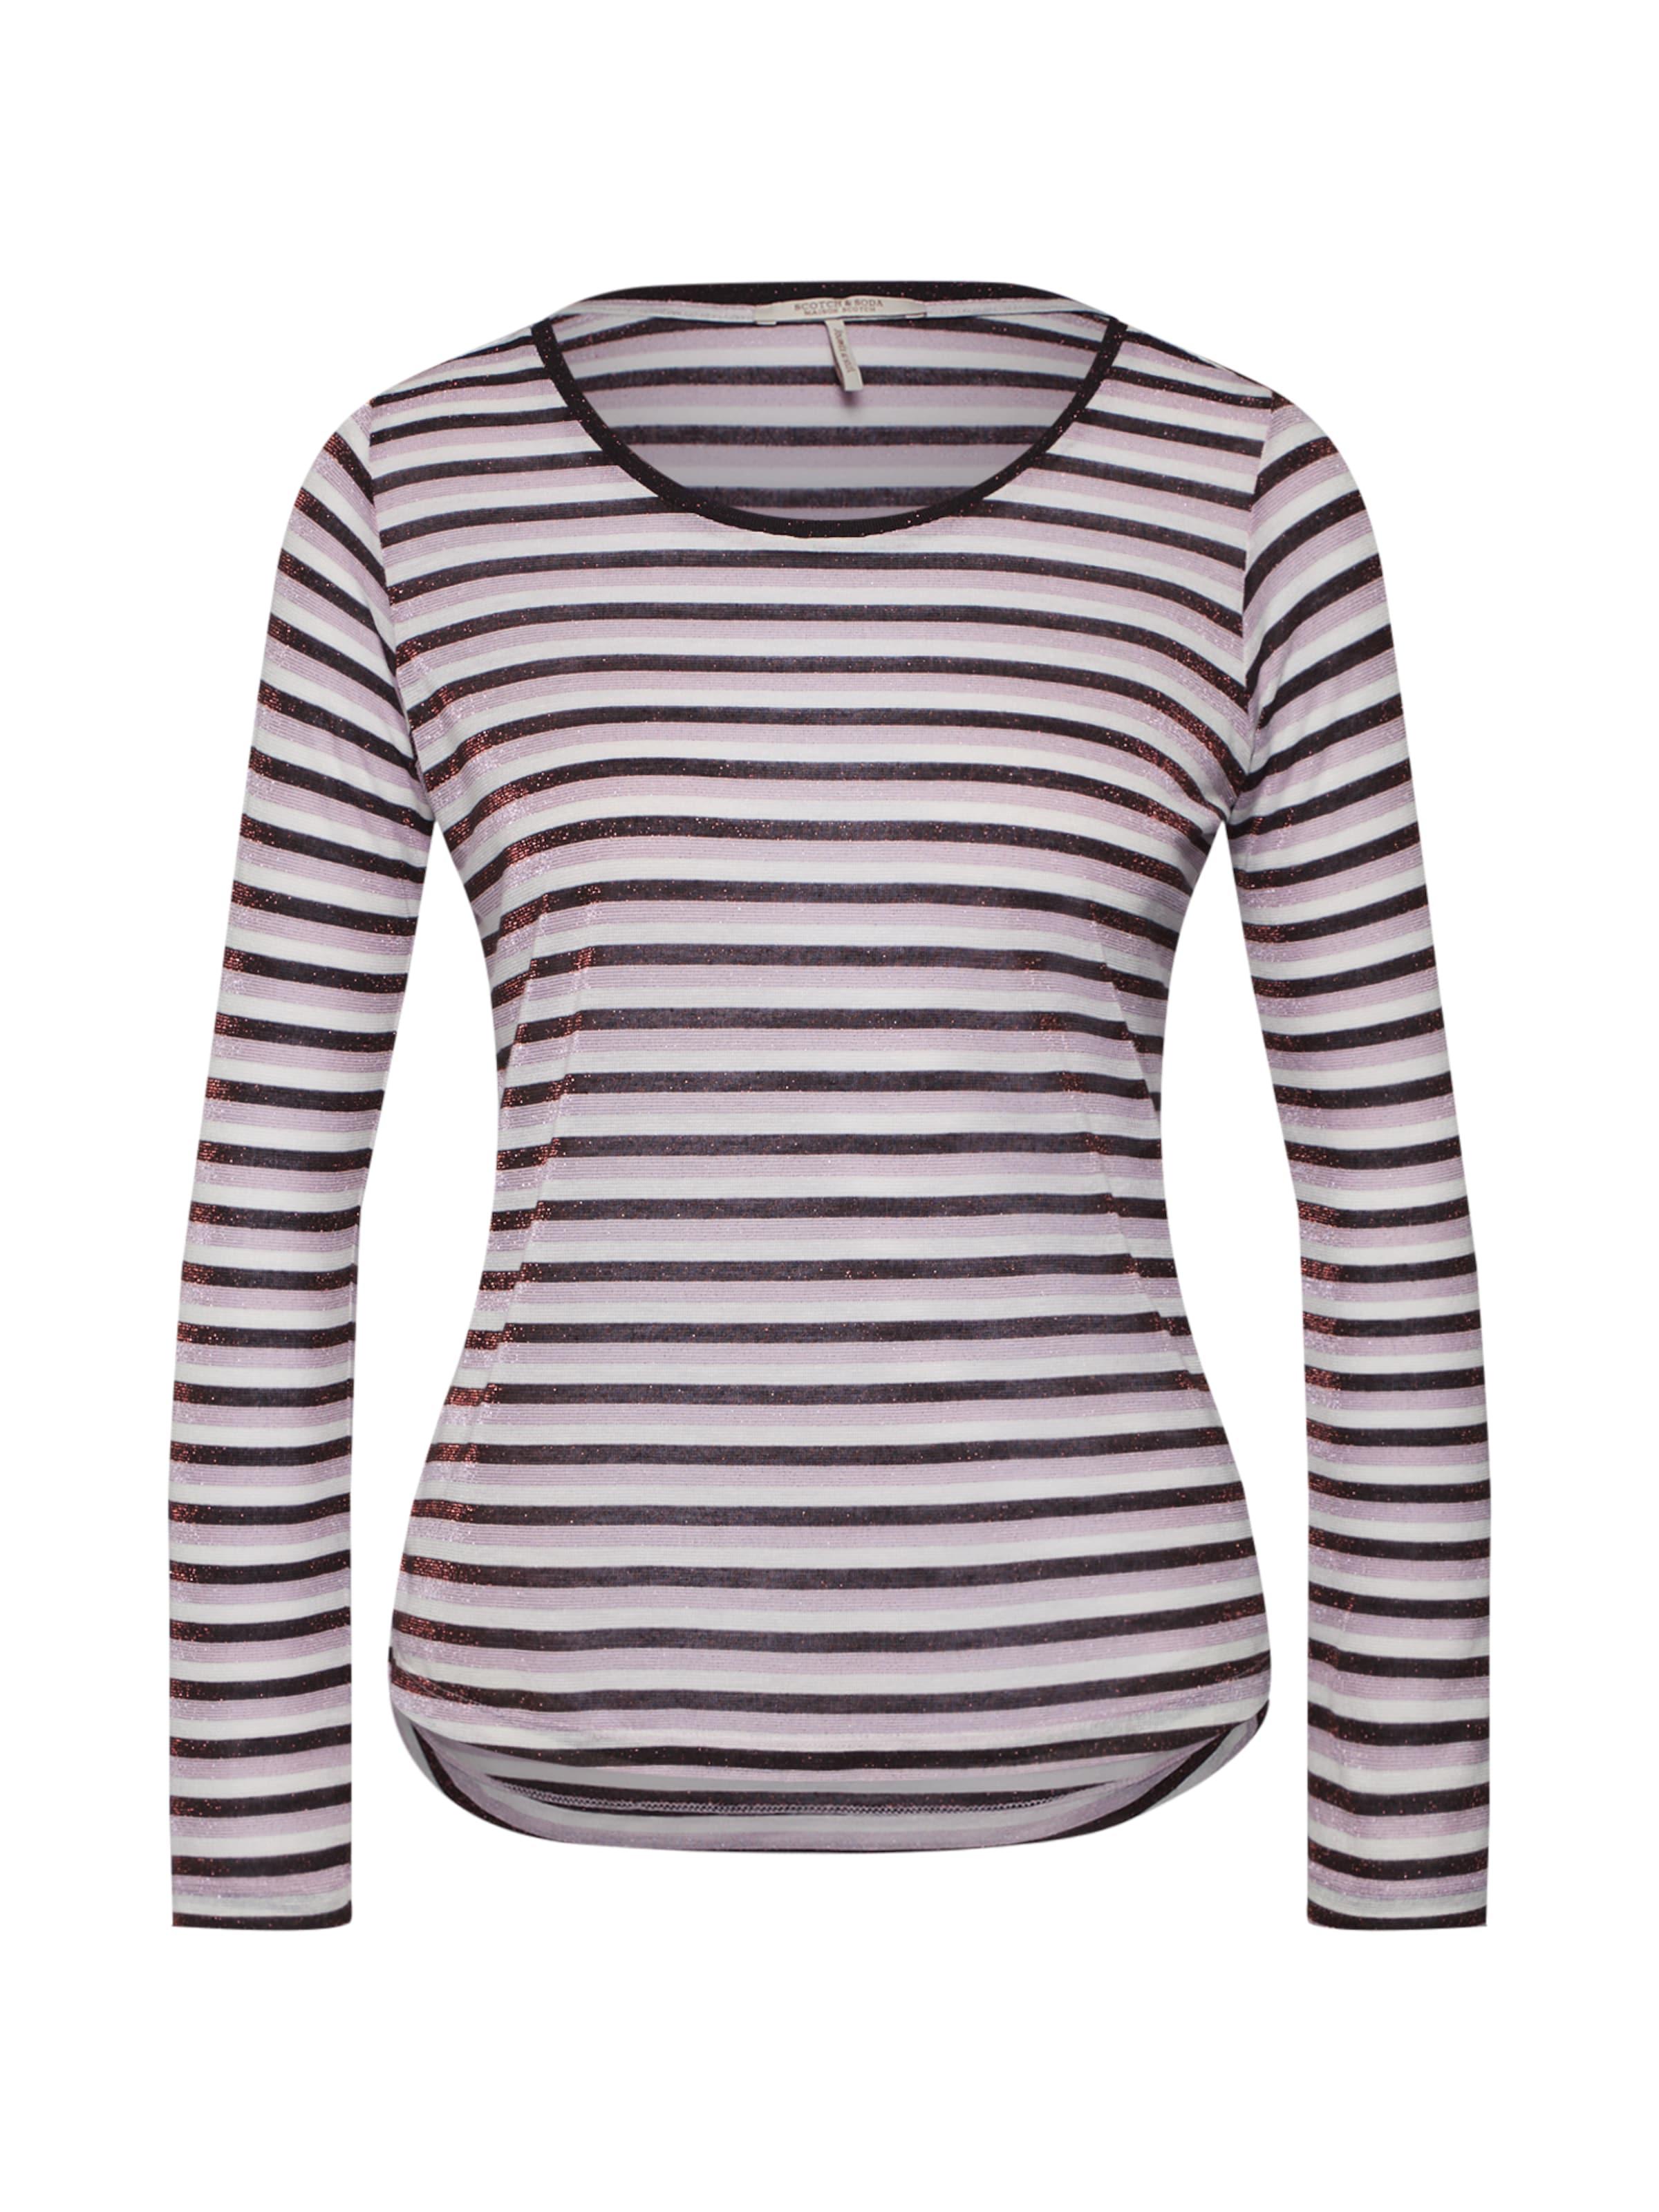 Soda Shirt Weiß LavendelBurgunder In Scotchamp; J53ulKTFc1